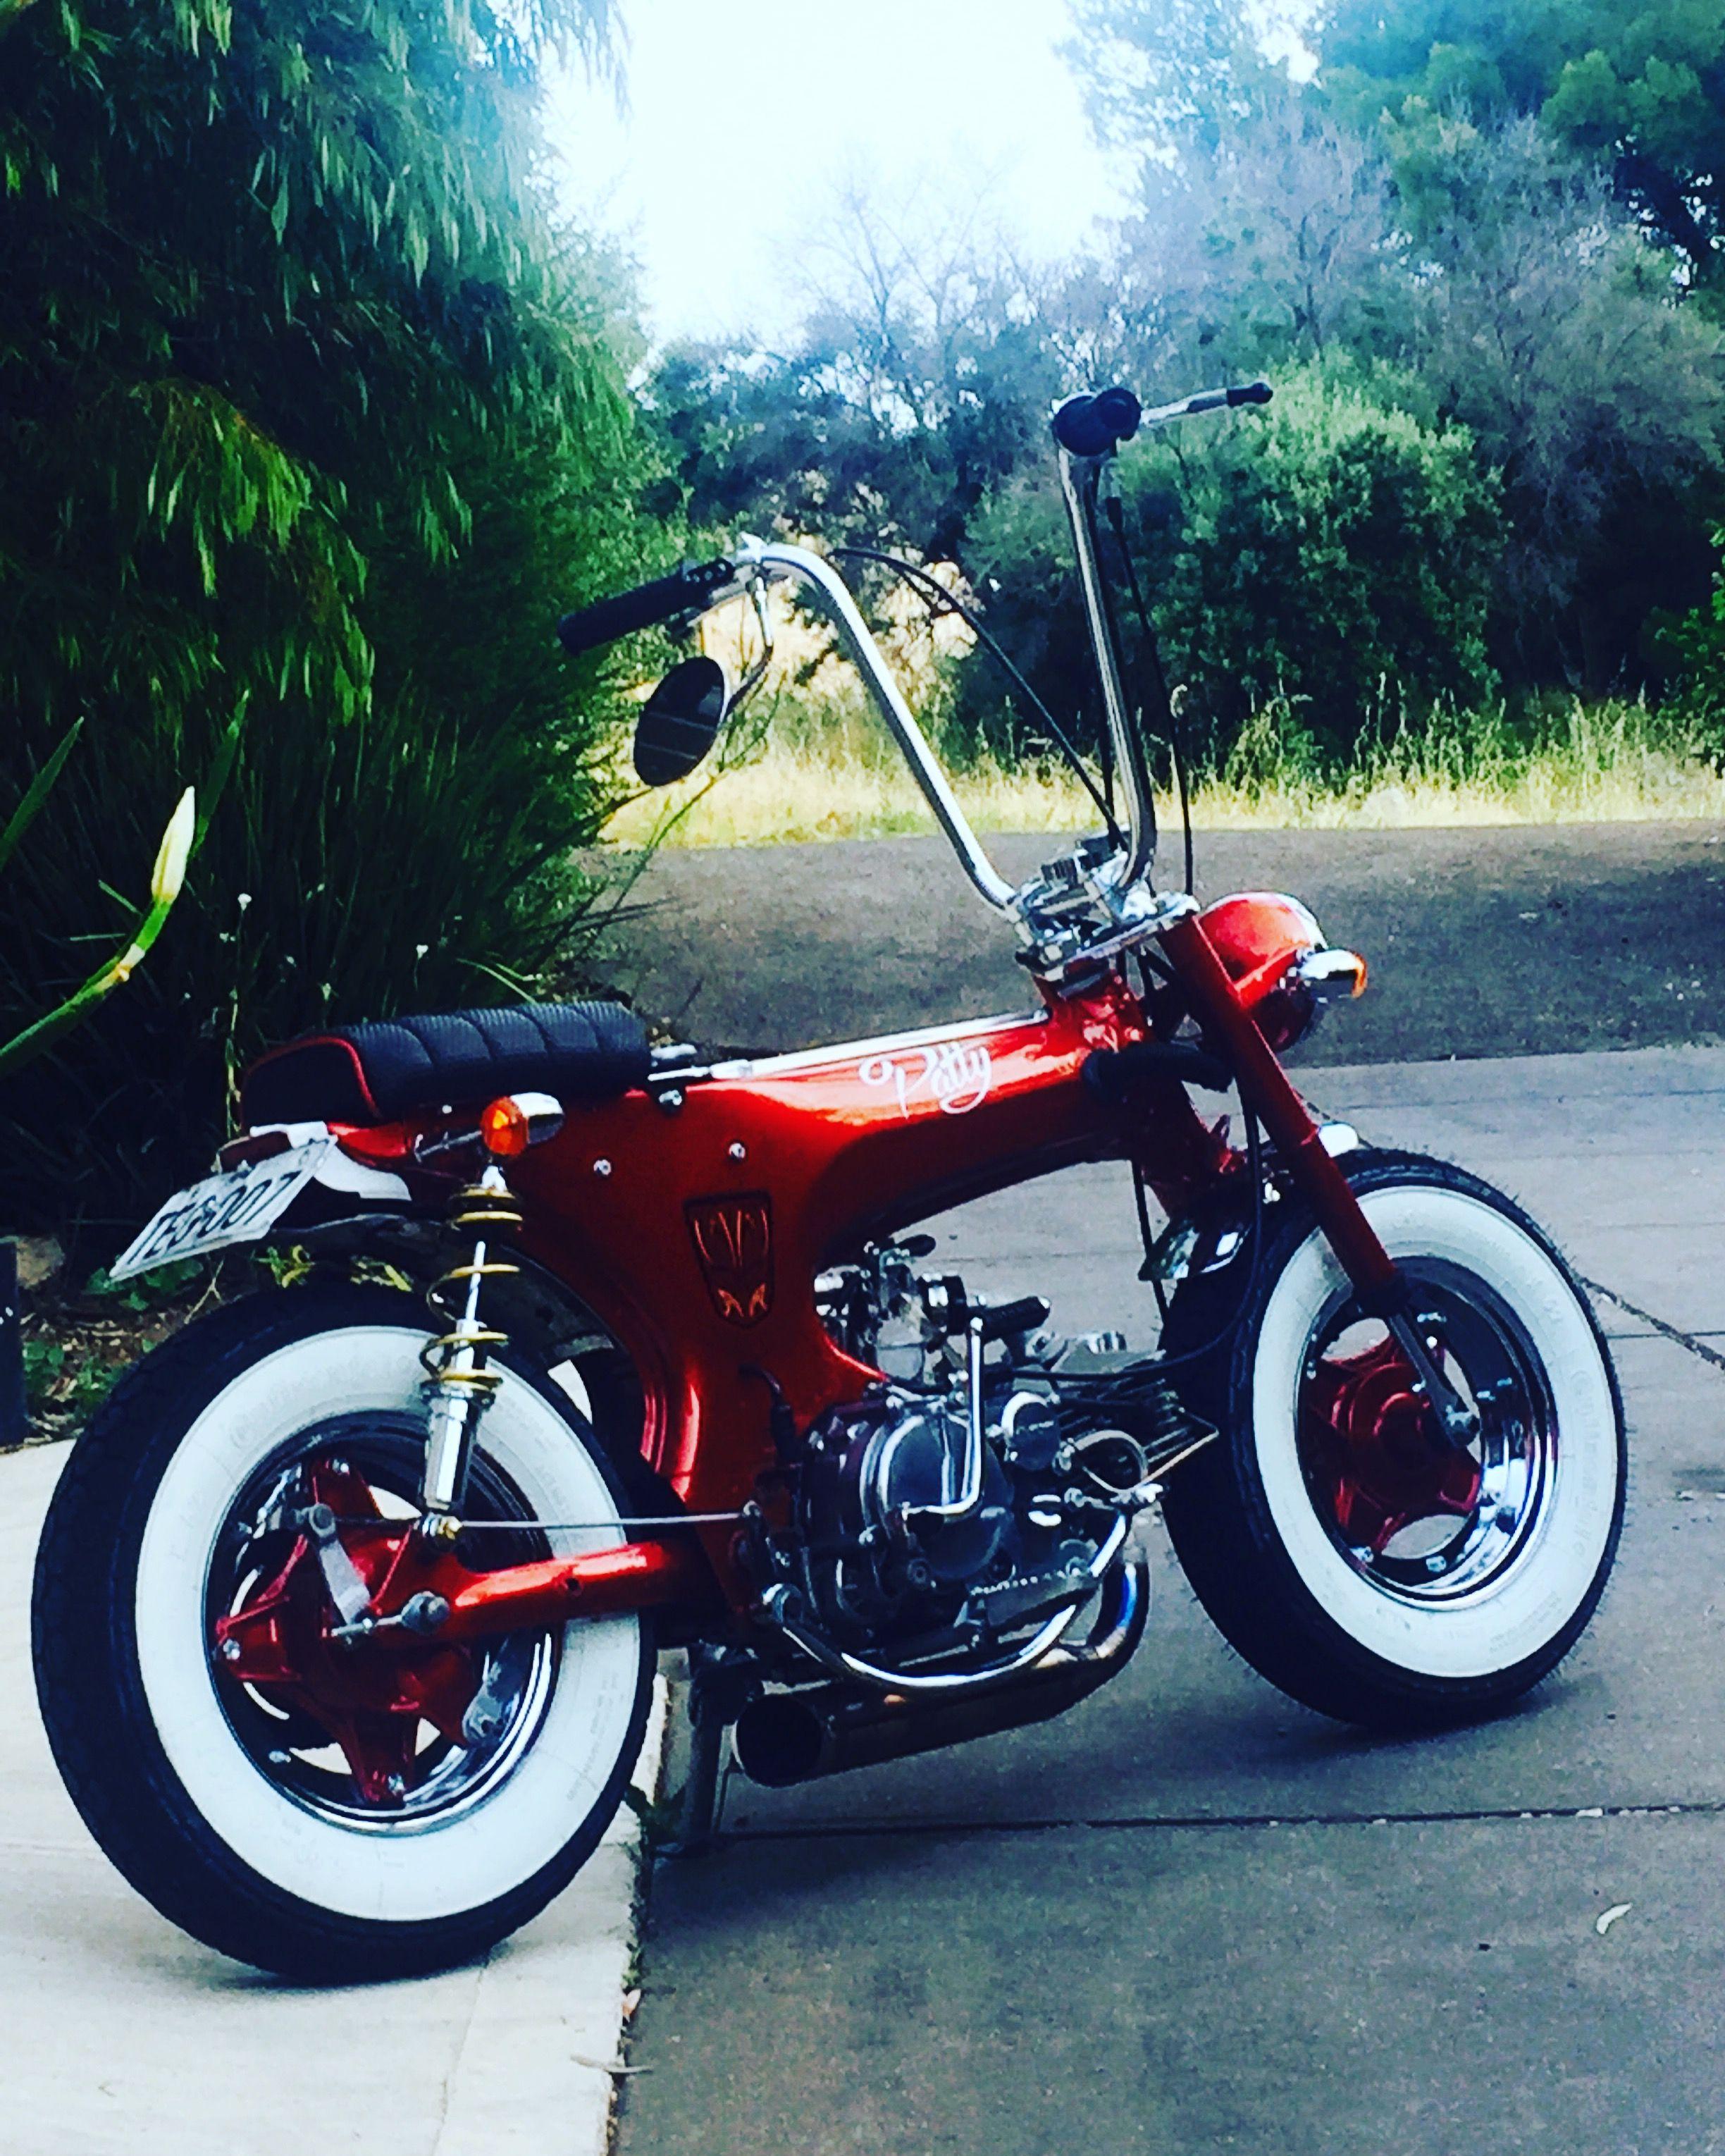 Honda ct70 dax bobber | Greasers motorcycle society ...